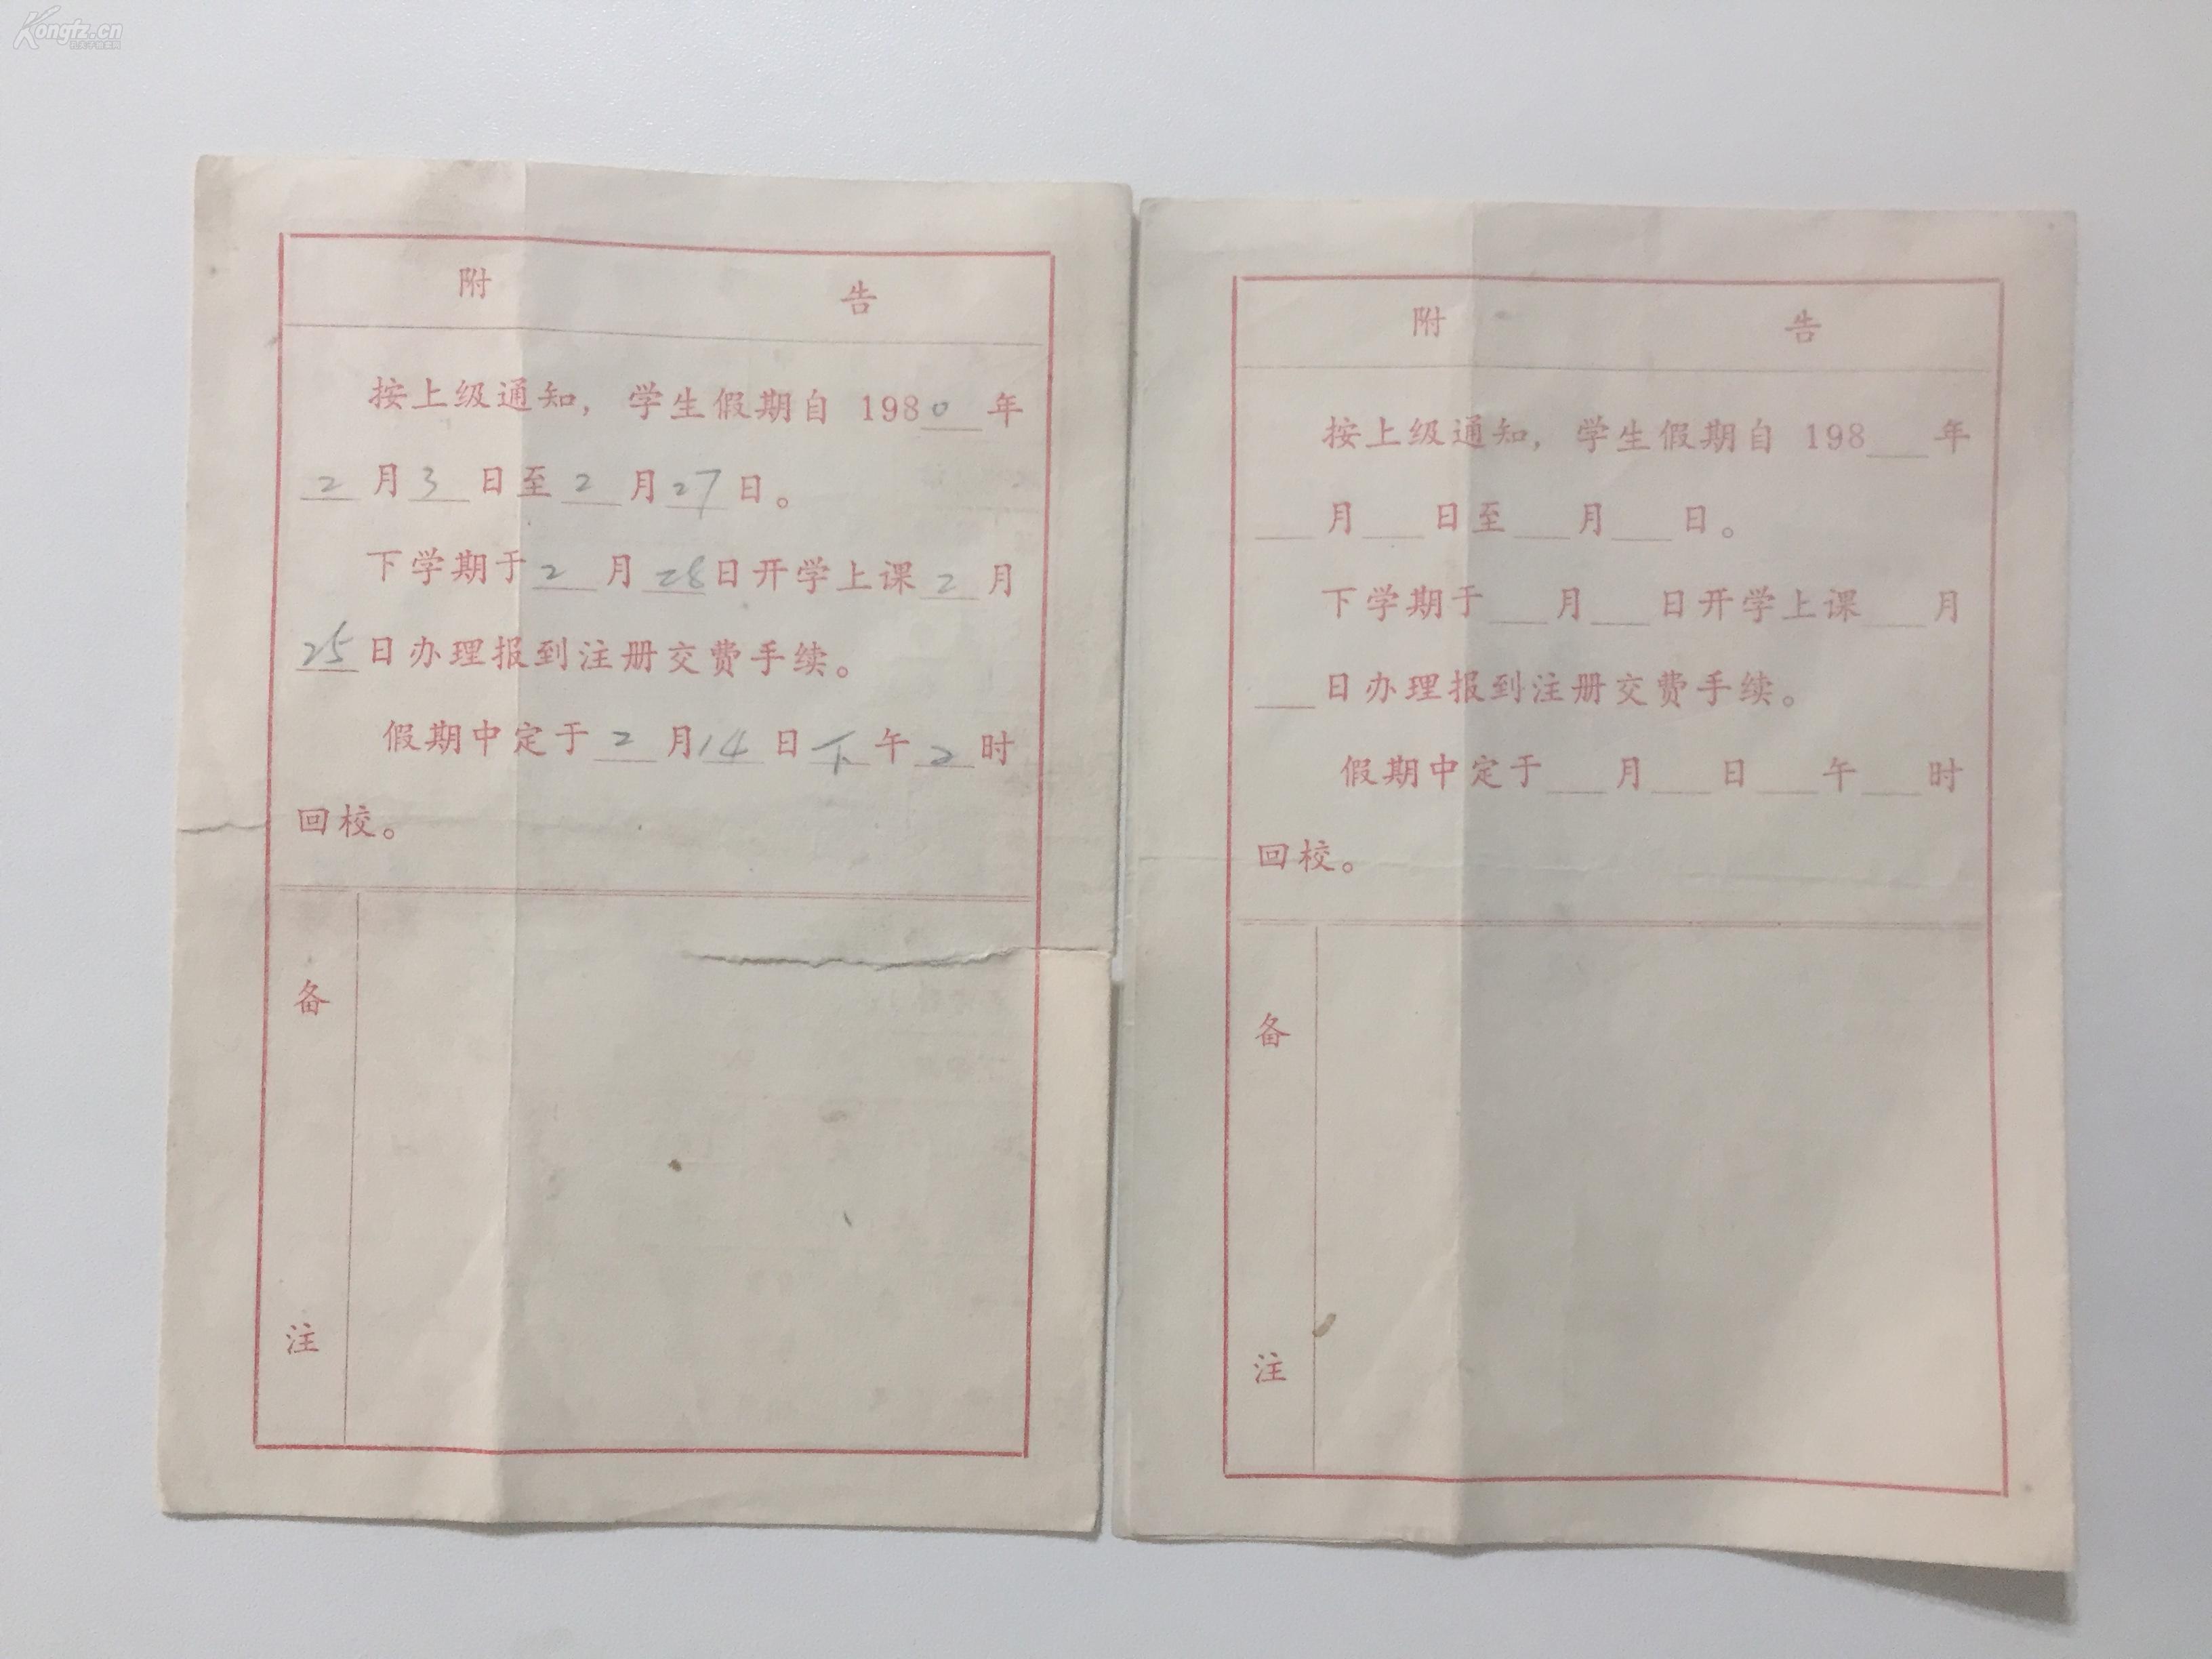 1980年苏州市志成文章五(1)班《学生情况v文章小学春游小学生图片